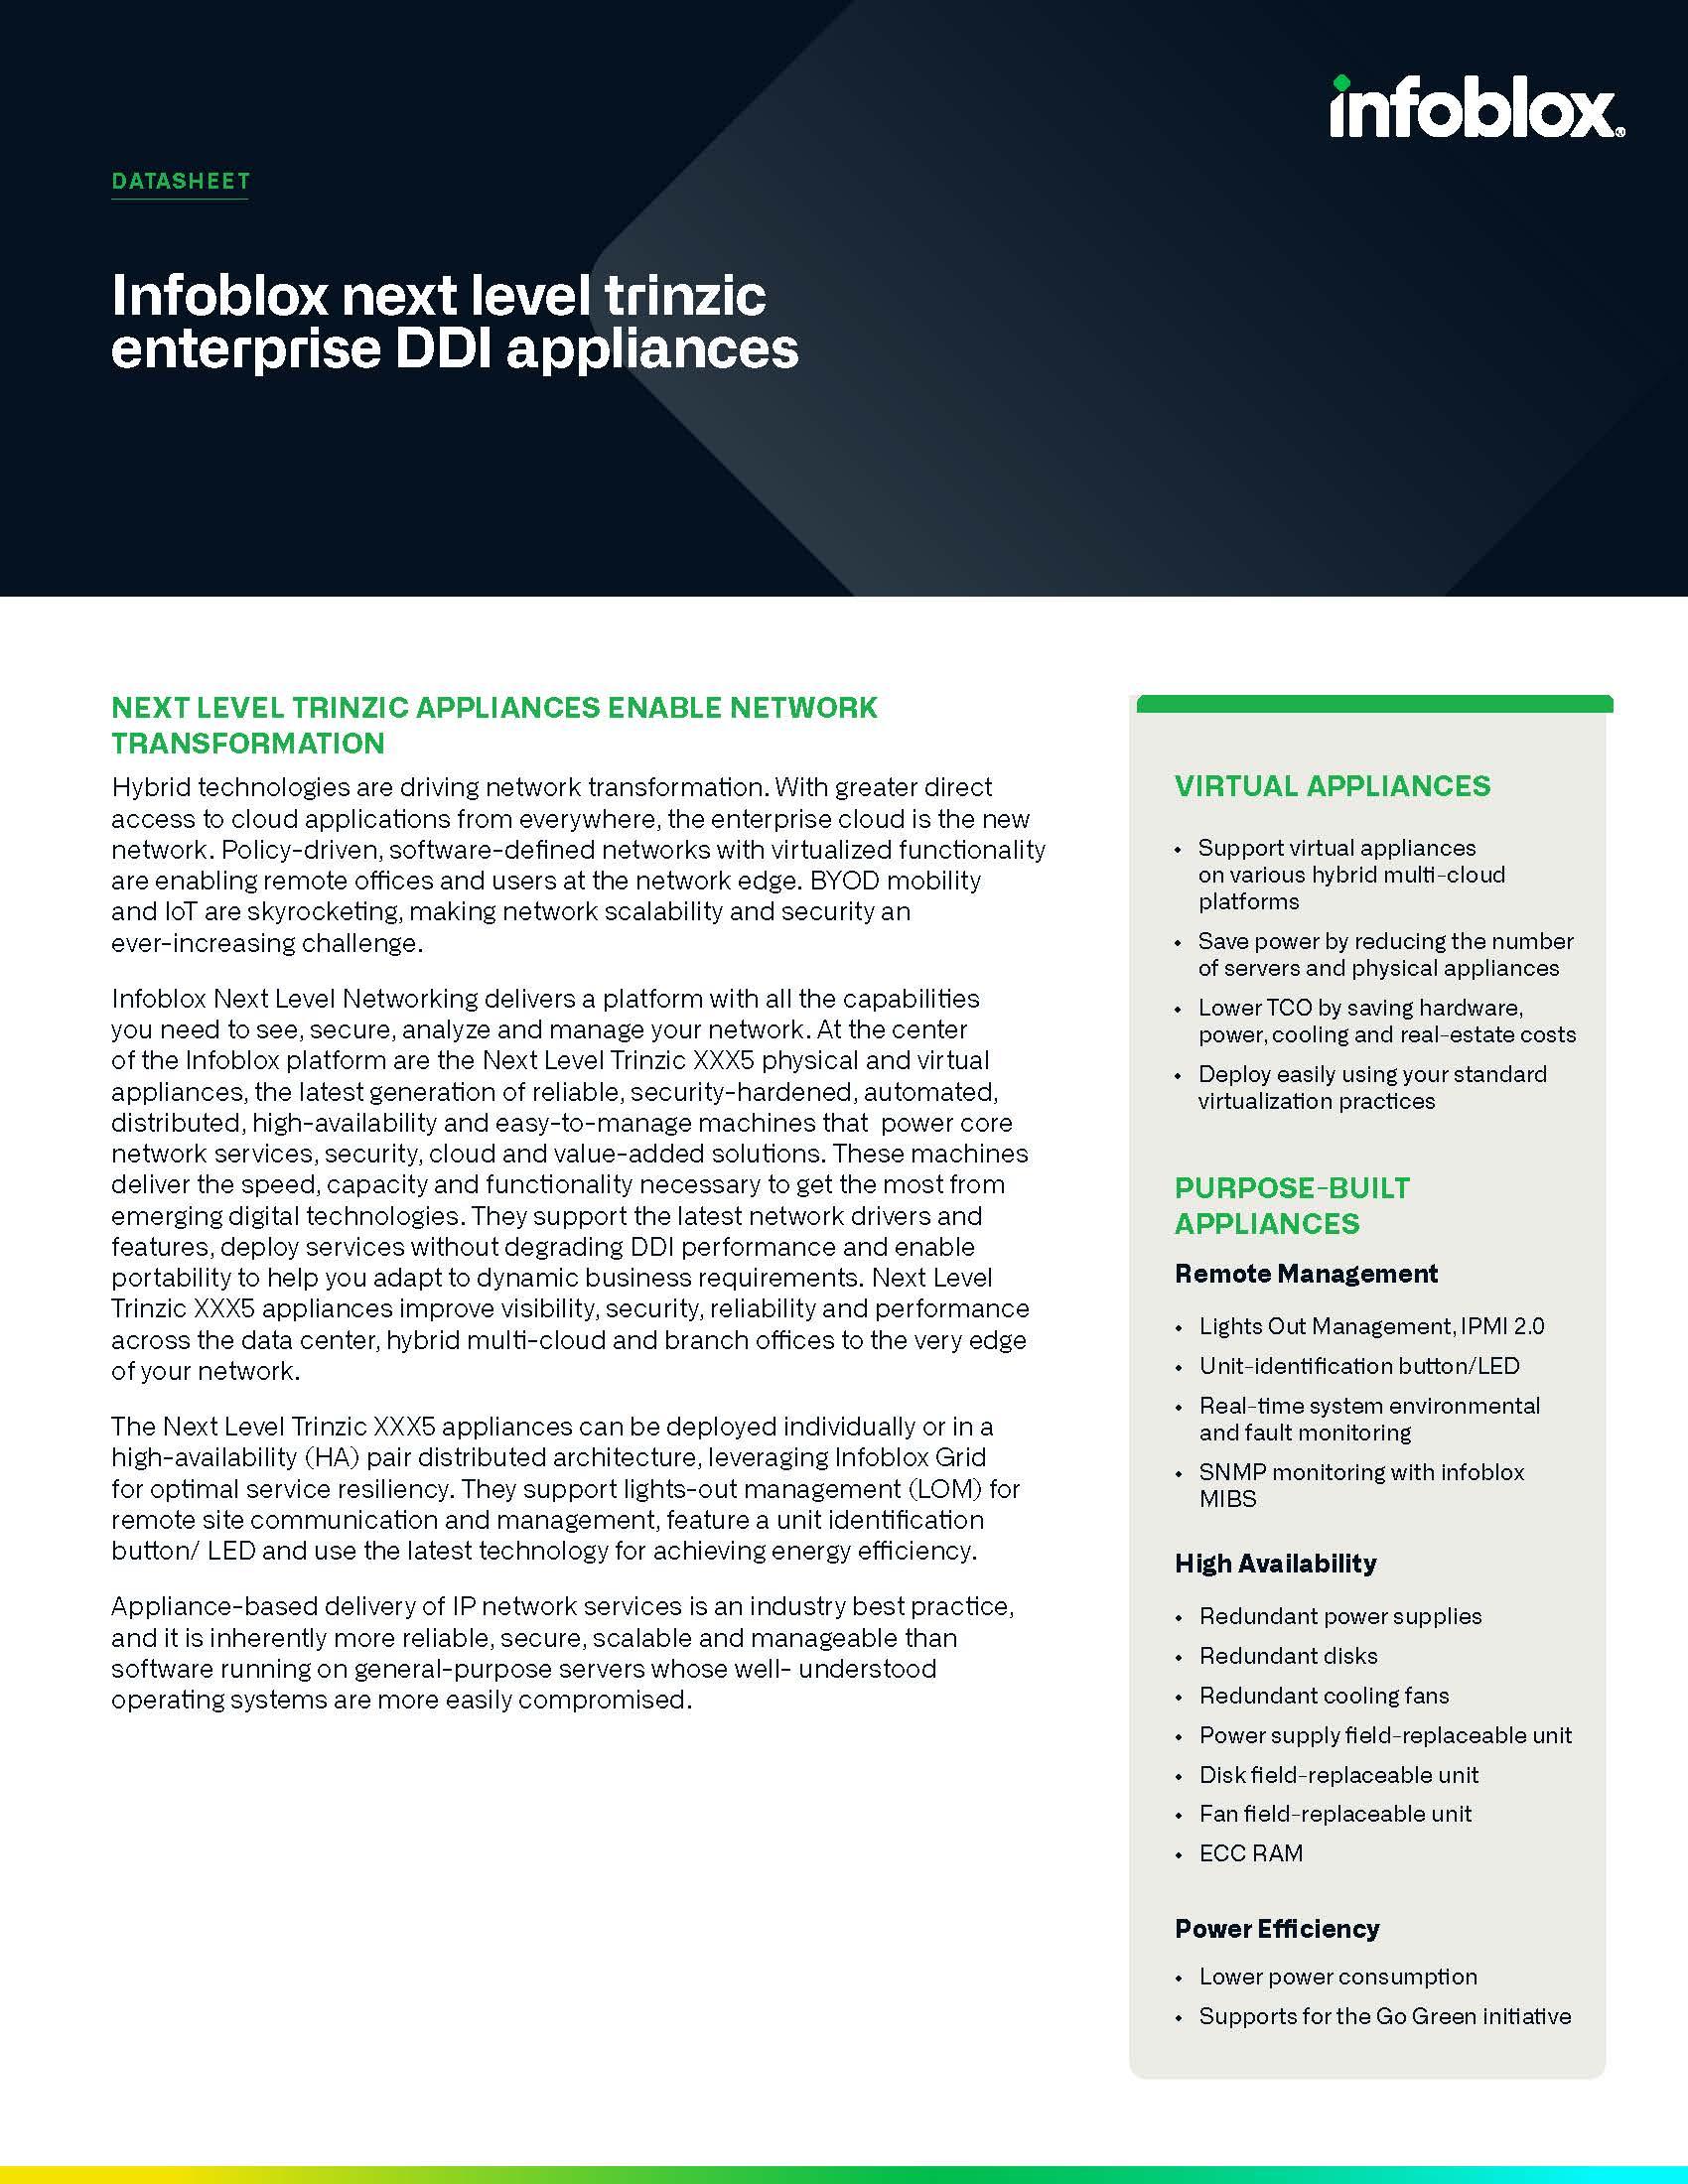 Infoblox Next Level Trinzic Enterprise DDI Appliances